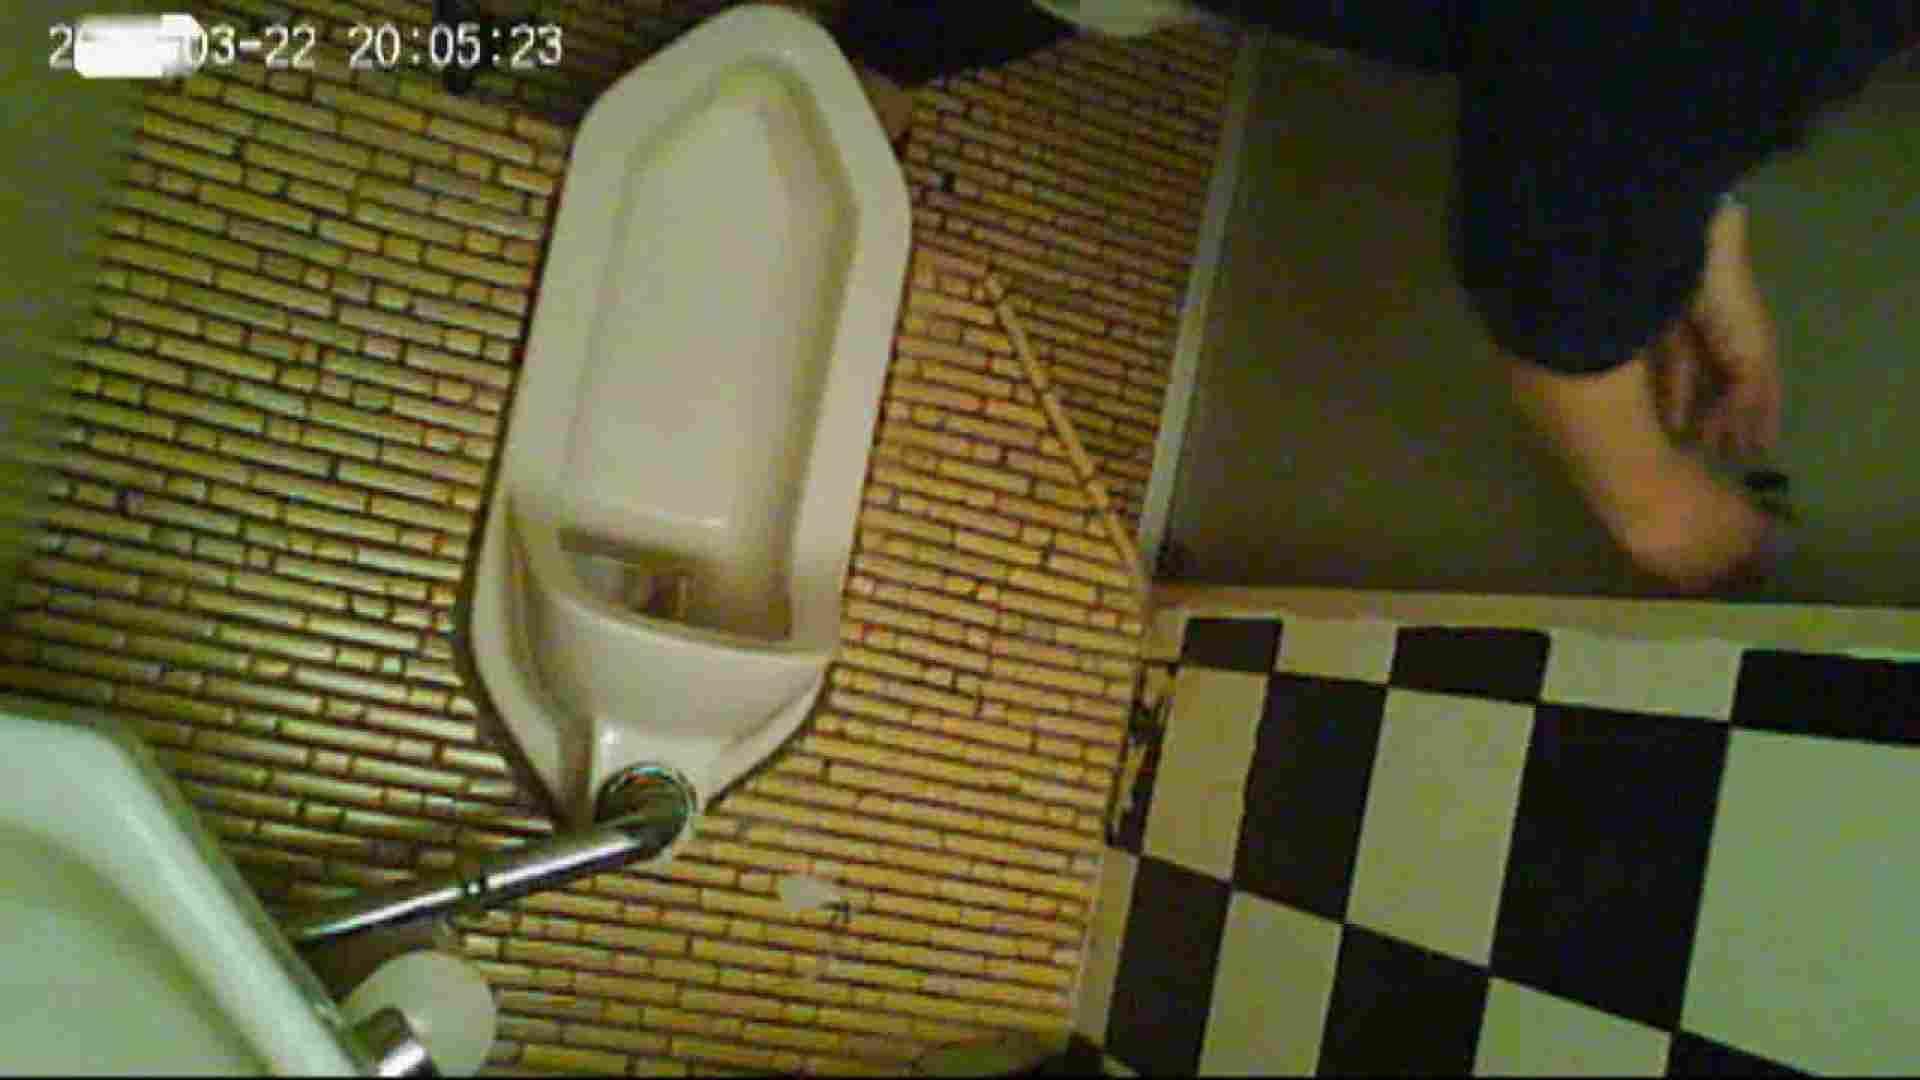 和式トイレの喫茶店店主マロンさんのコレクションvol.2 盗撮 ヌード画像 90画像 37